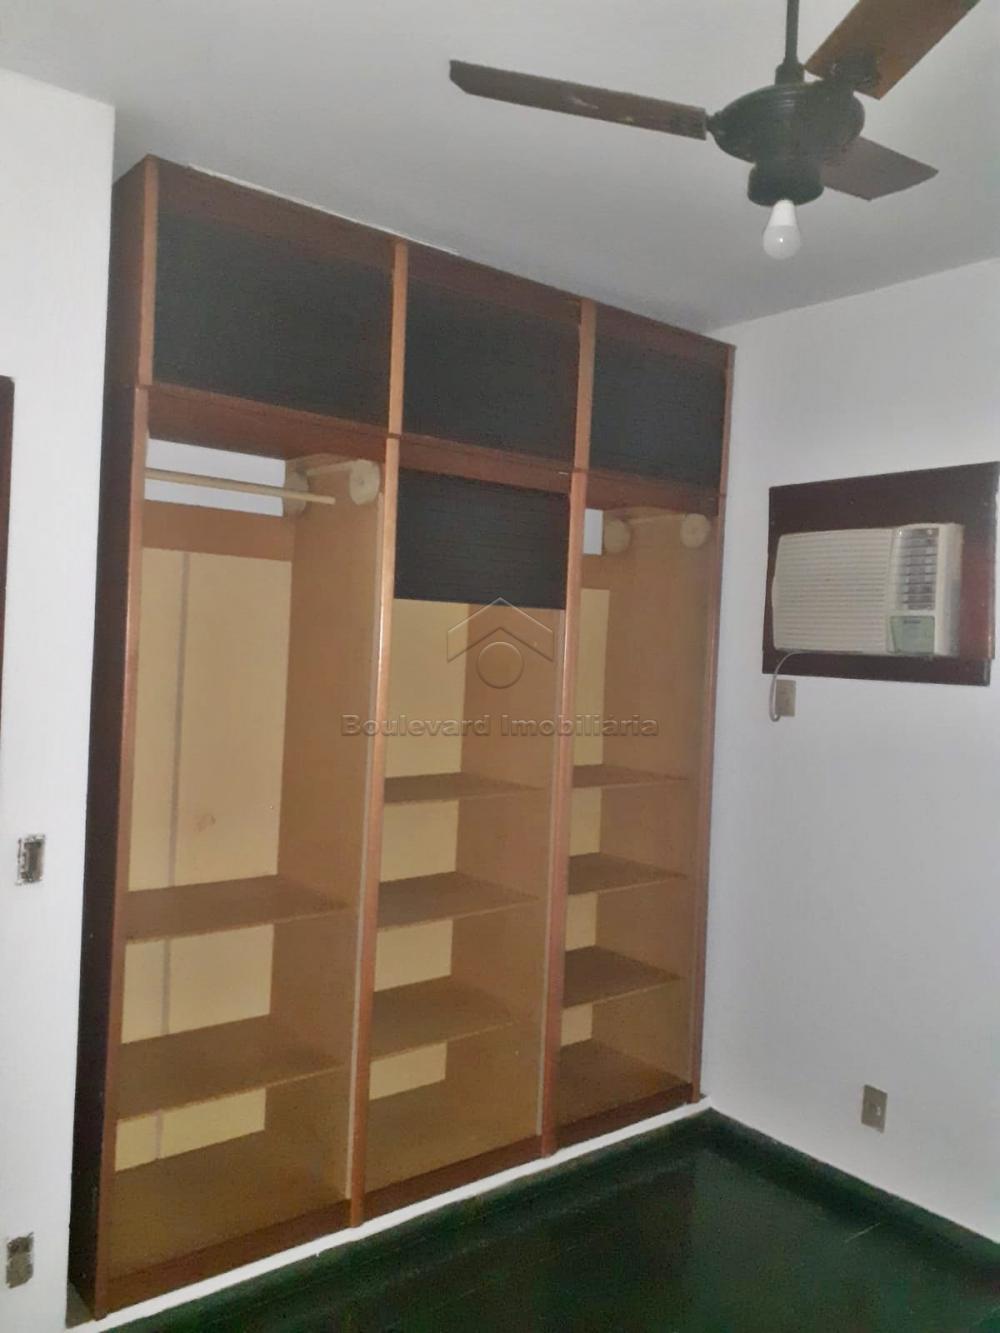 Alugar Apartamento / Padrão em Ribeirão Preto apenas R$ 1.500,00 - Foto 6